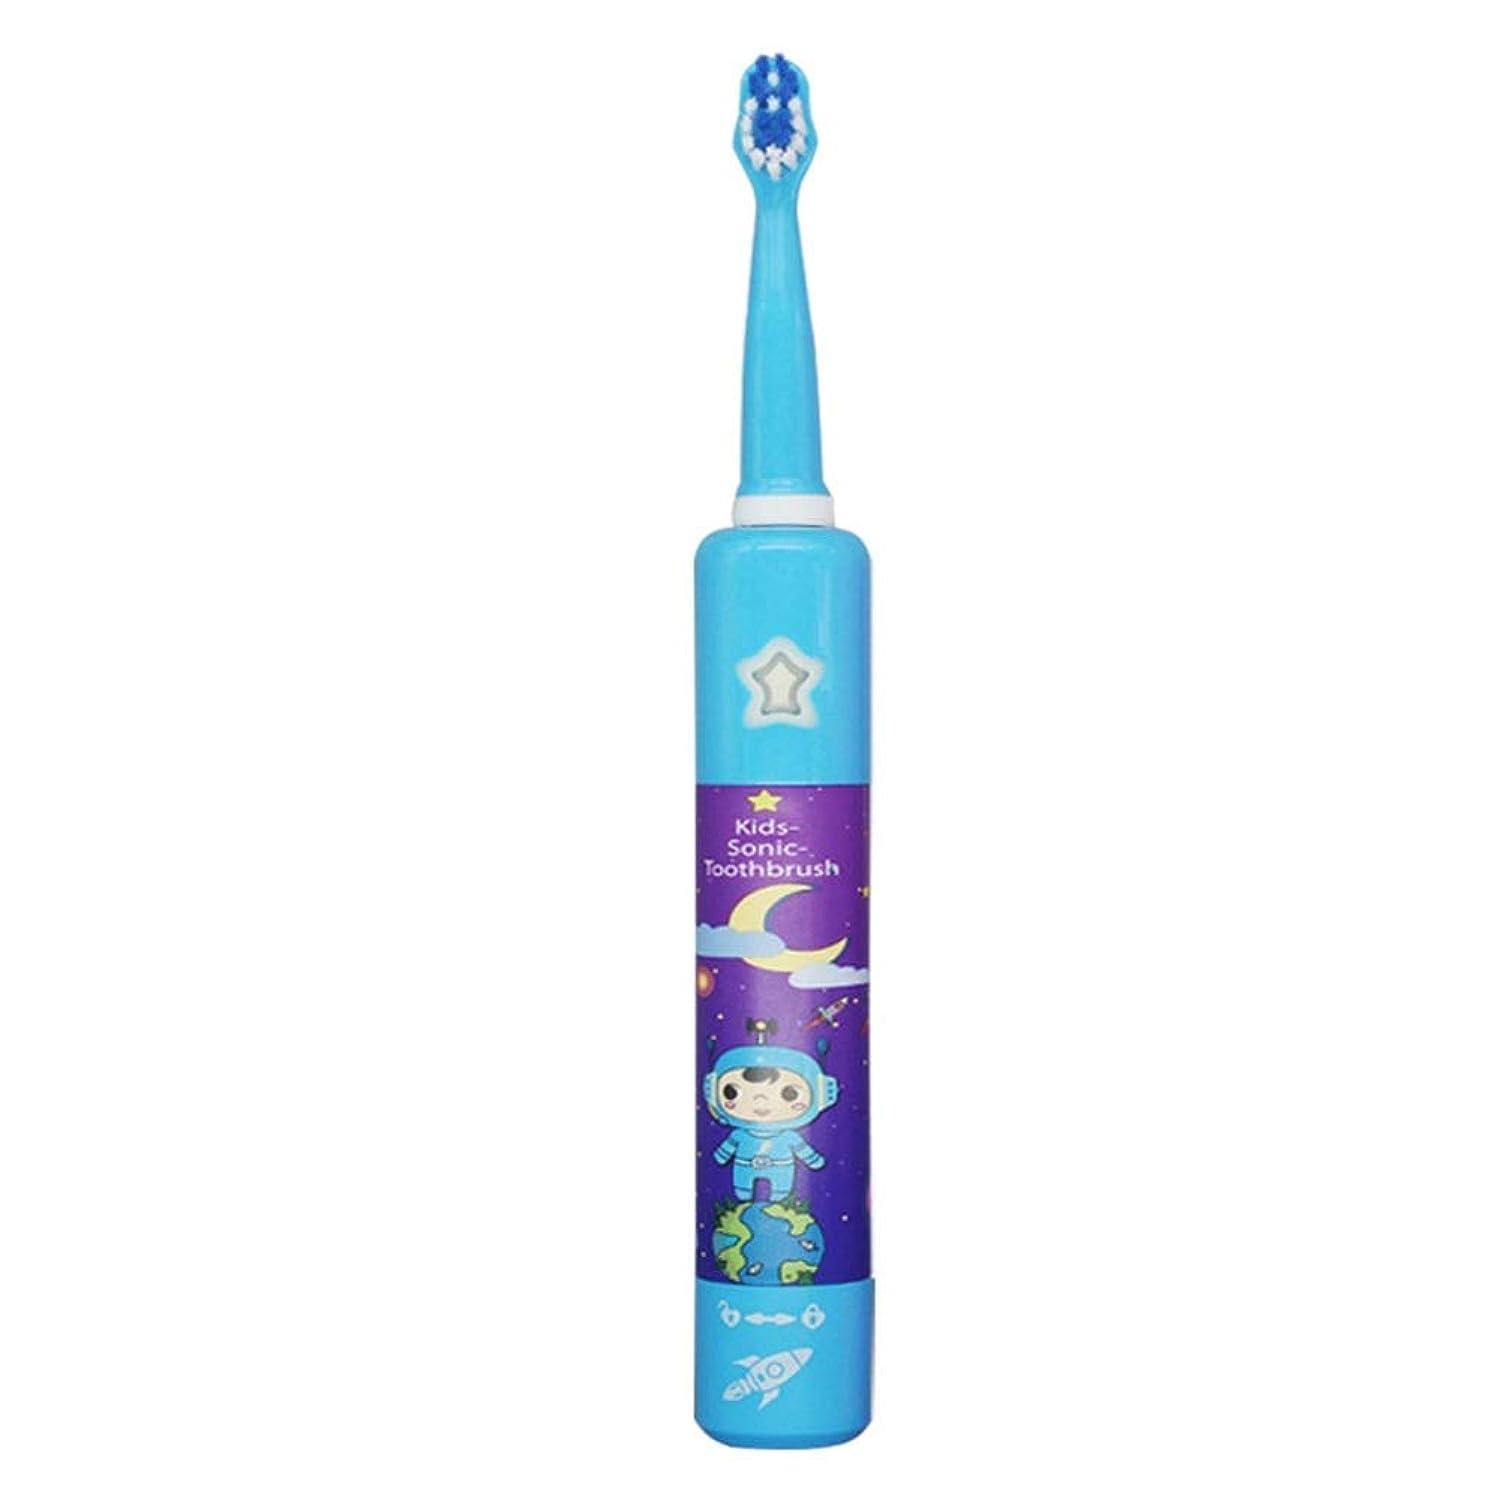 キャリアポジション立証する自動歯ブラシ 子供のかわいい柔らかい髪の音楽電気USB充電式歯ブラシ付きホルダーと1個の交換用ヘッド (色 : 青, サイズ : Free size)